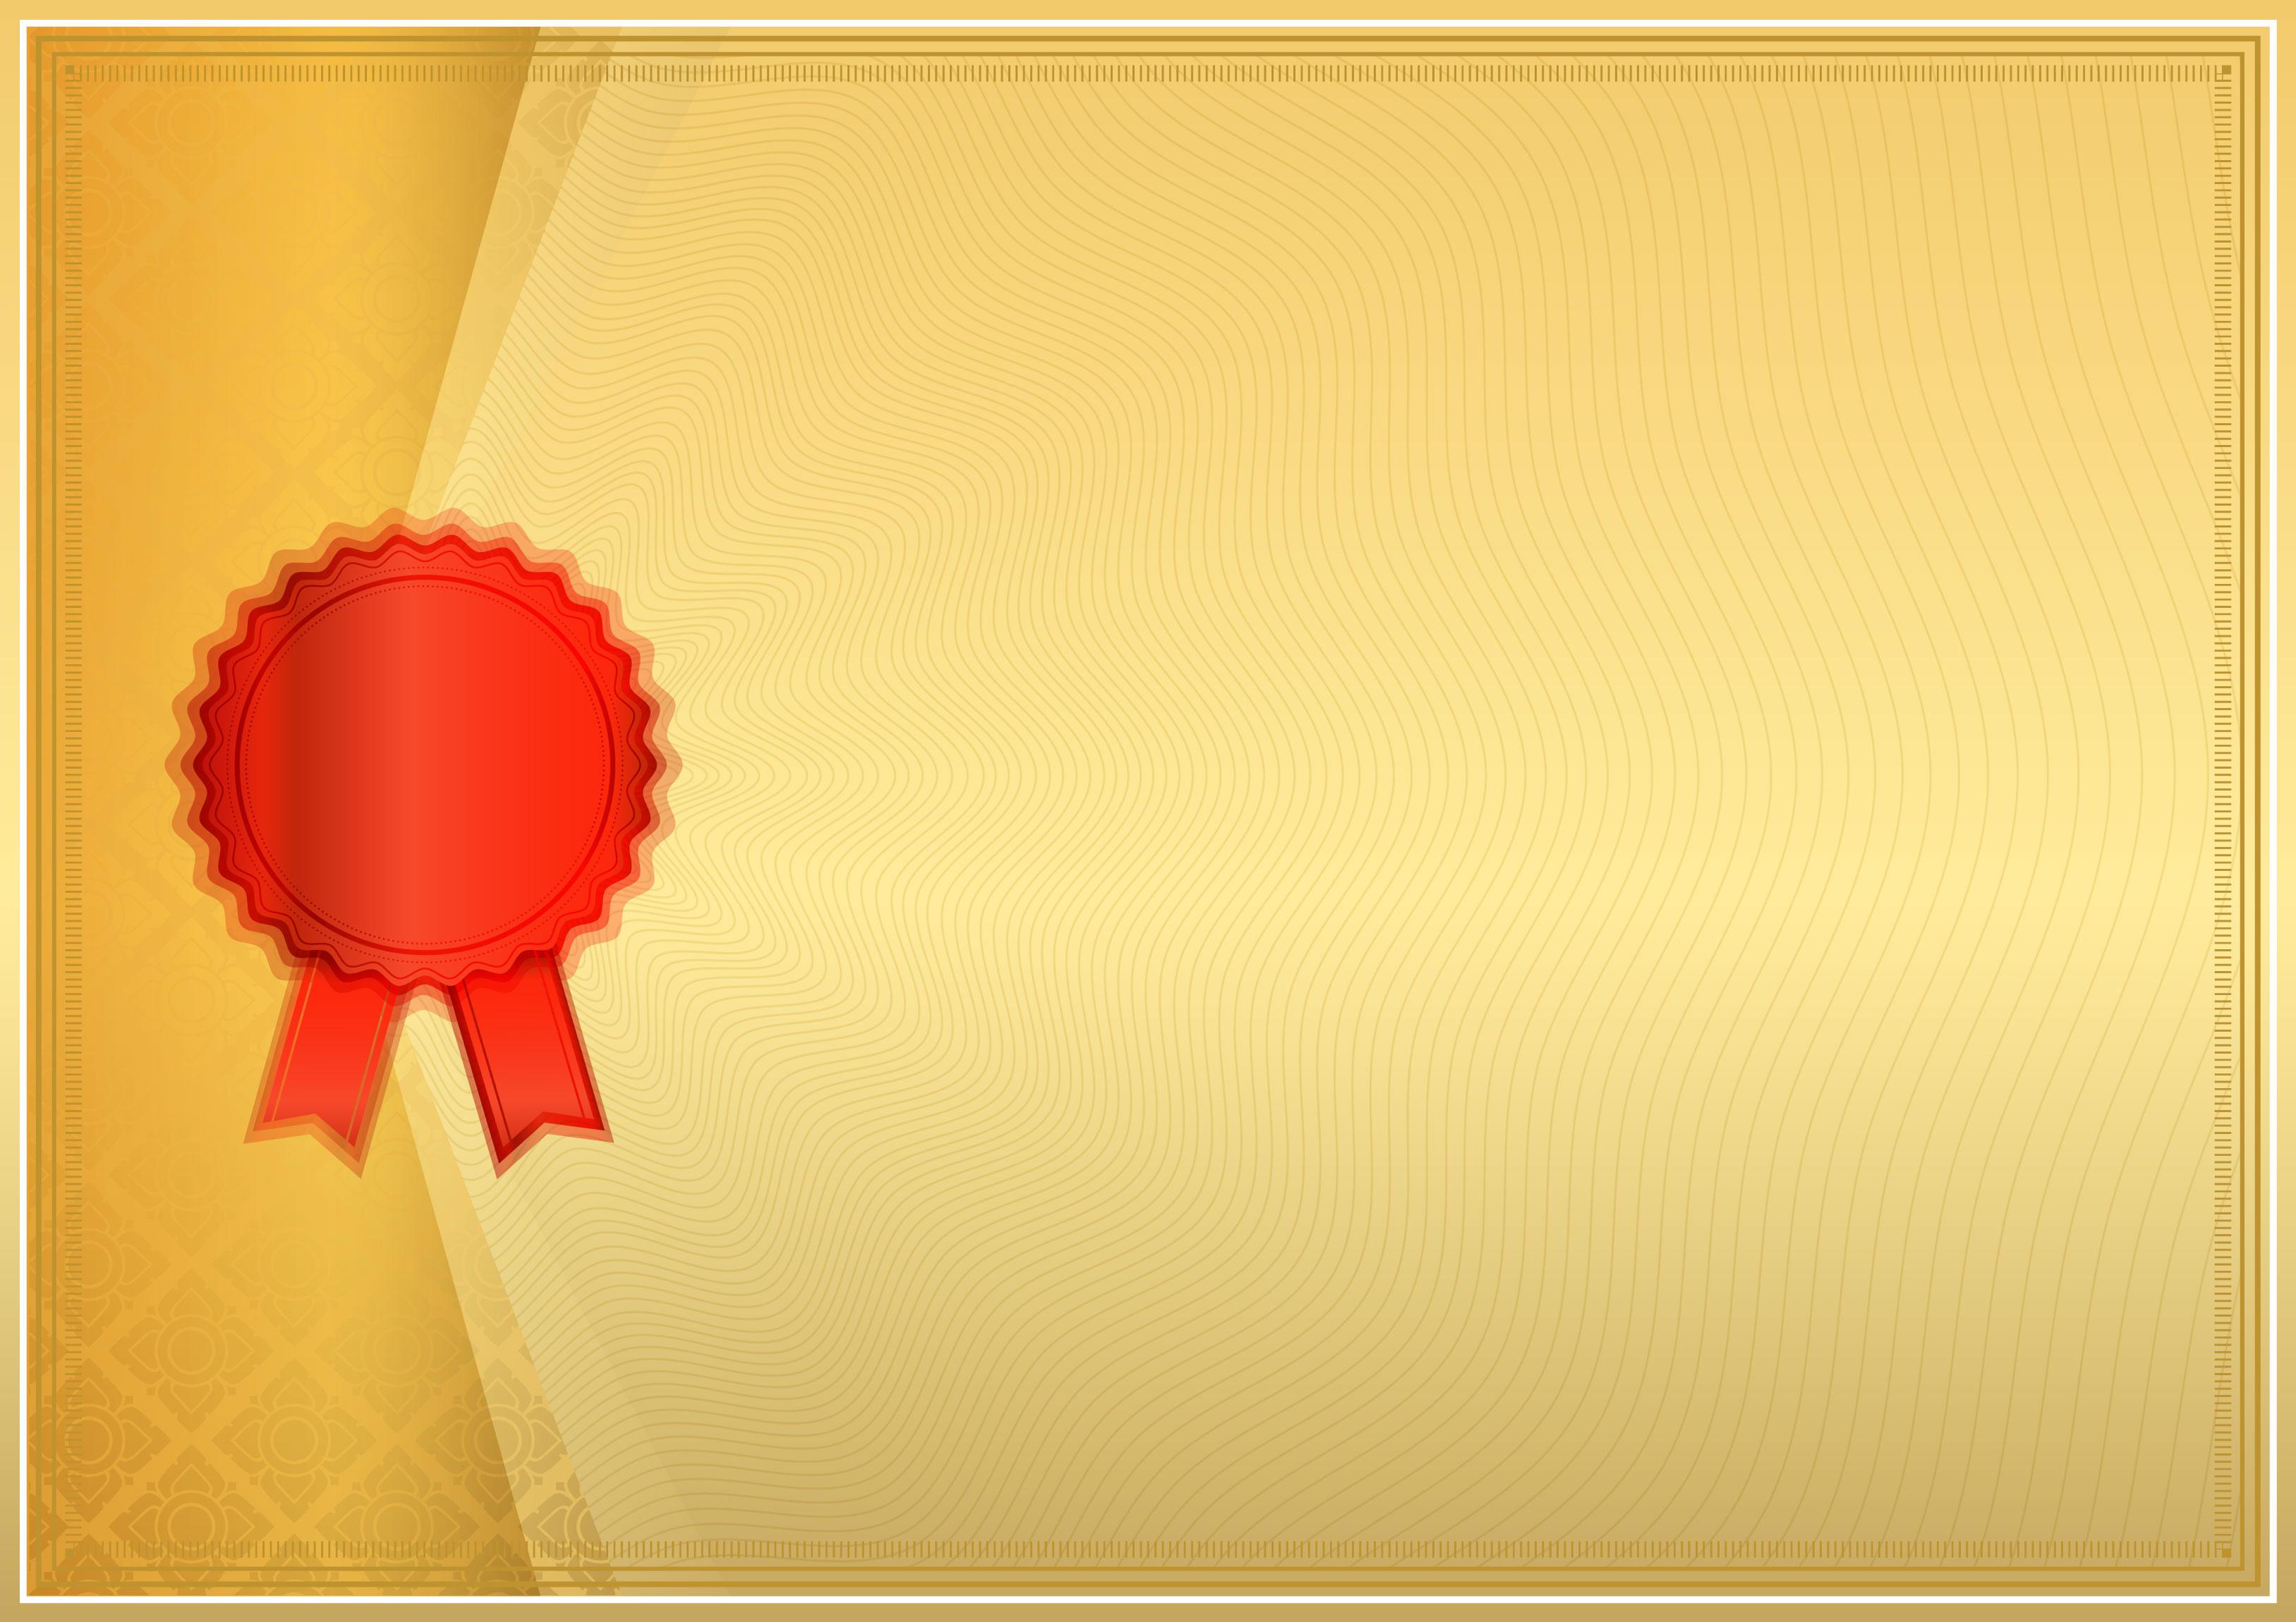 material de vetor de padr u00e3o de fundo certificado de ouro